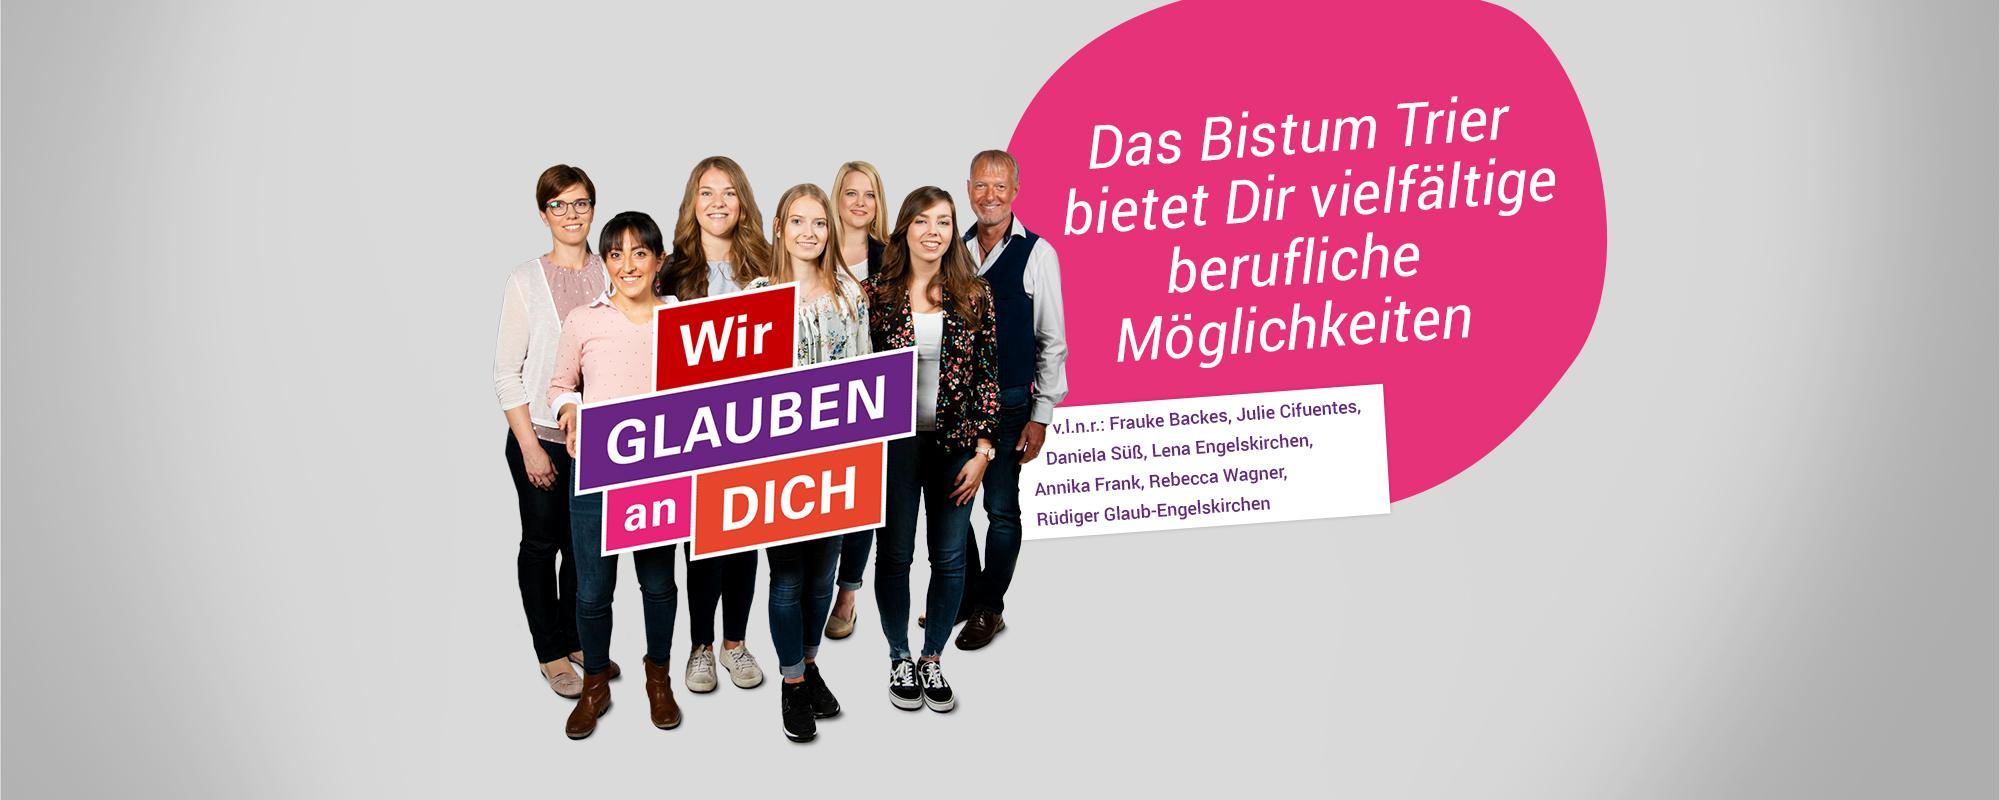 7 Personen stehen in 2 Reihen nebeneinander zum Gruppenfoto. Sie lächeln und halten das Schild Wir Glauben an Dich in die Kamera.